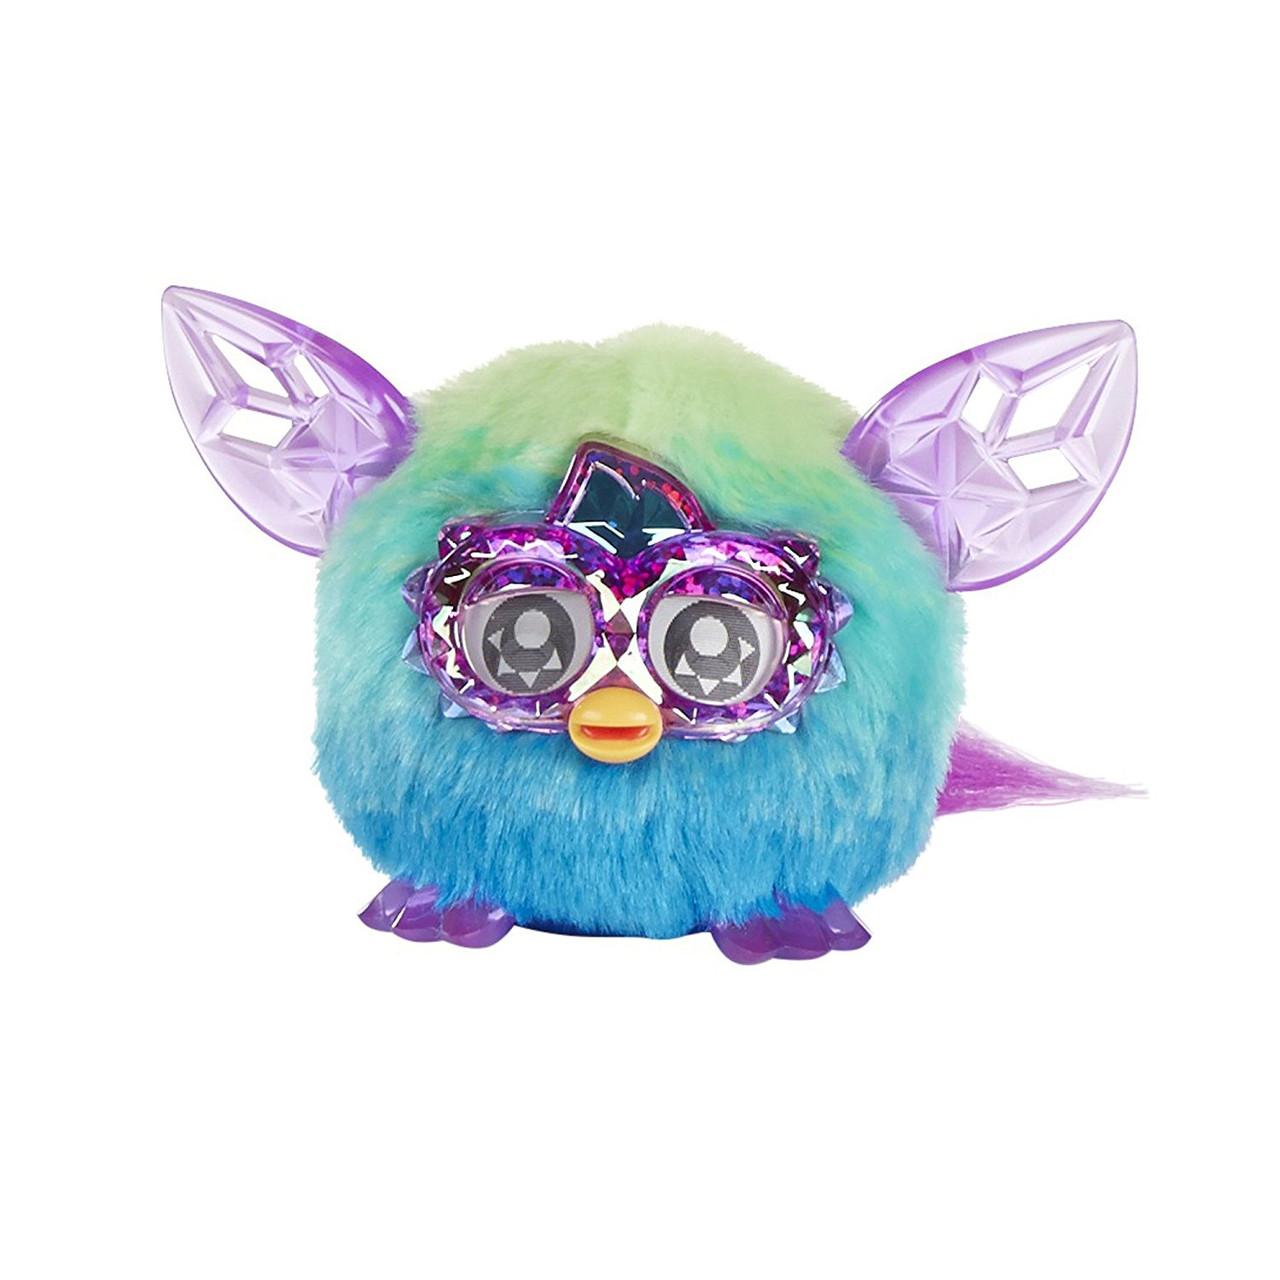 Ферби малыш ферблинг бирюзовый  кристальный Furby Furblings